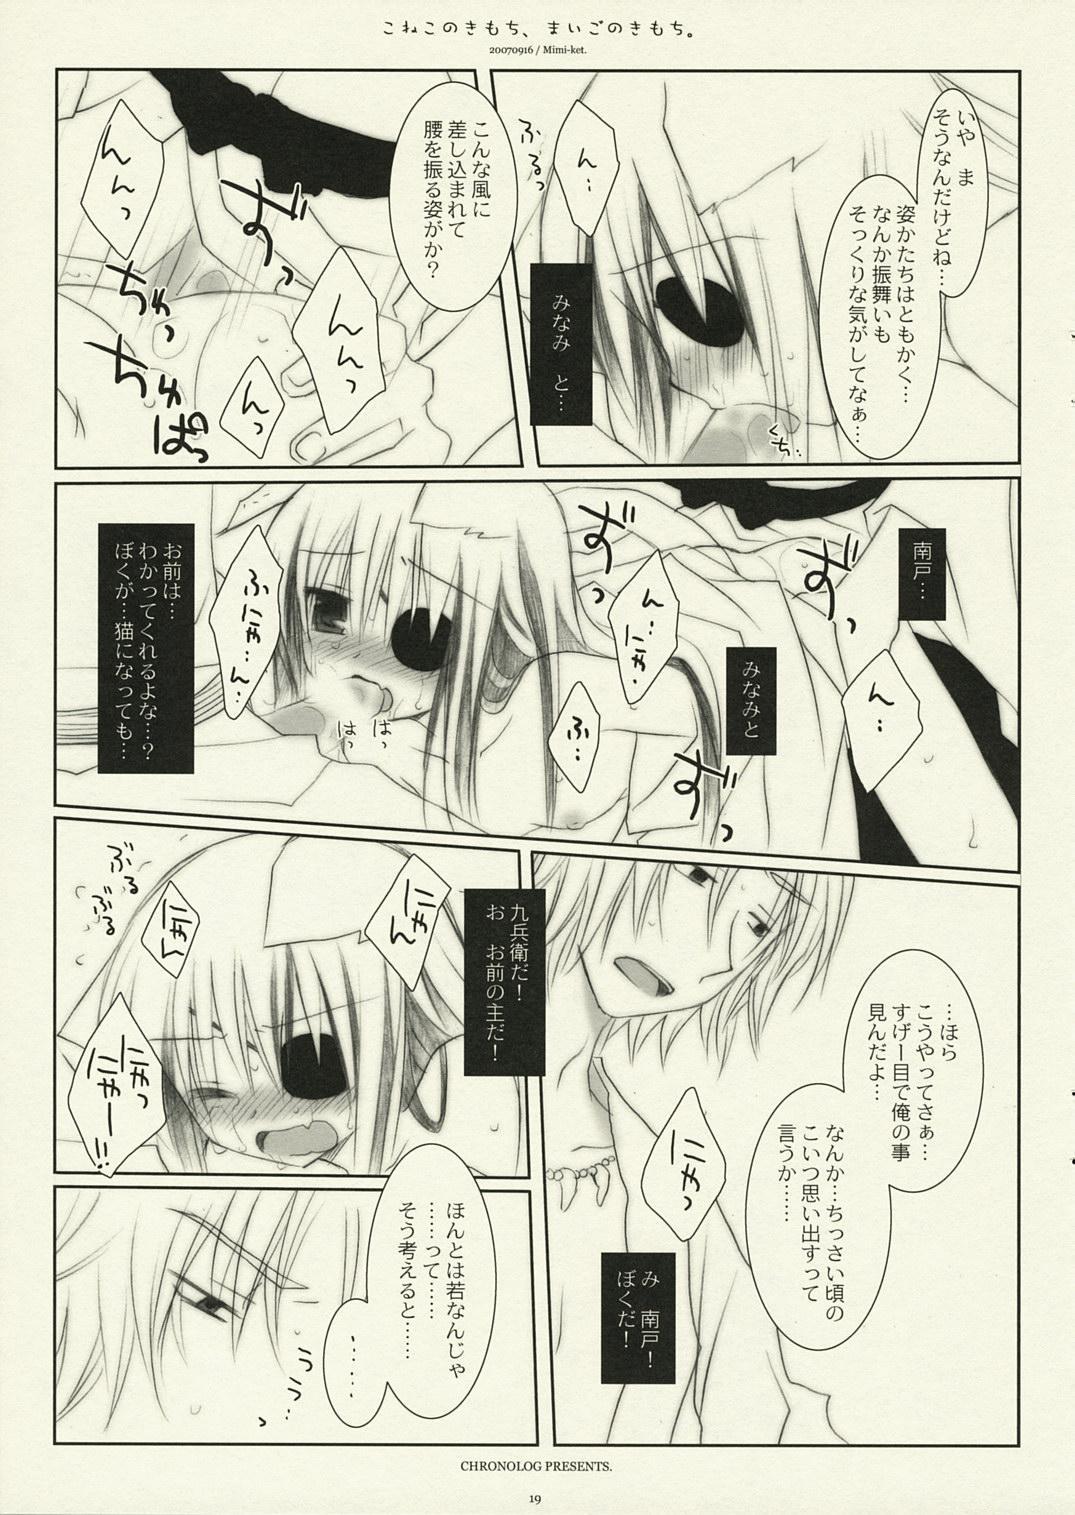 Koneko no Kimochi, Maigo no Kimochi. 17